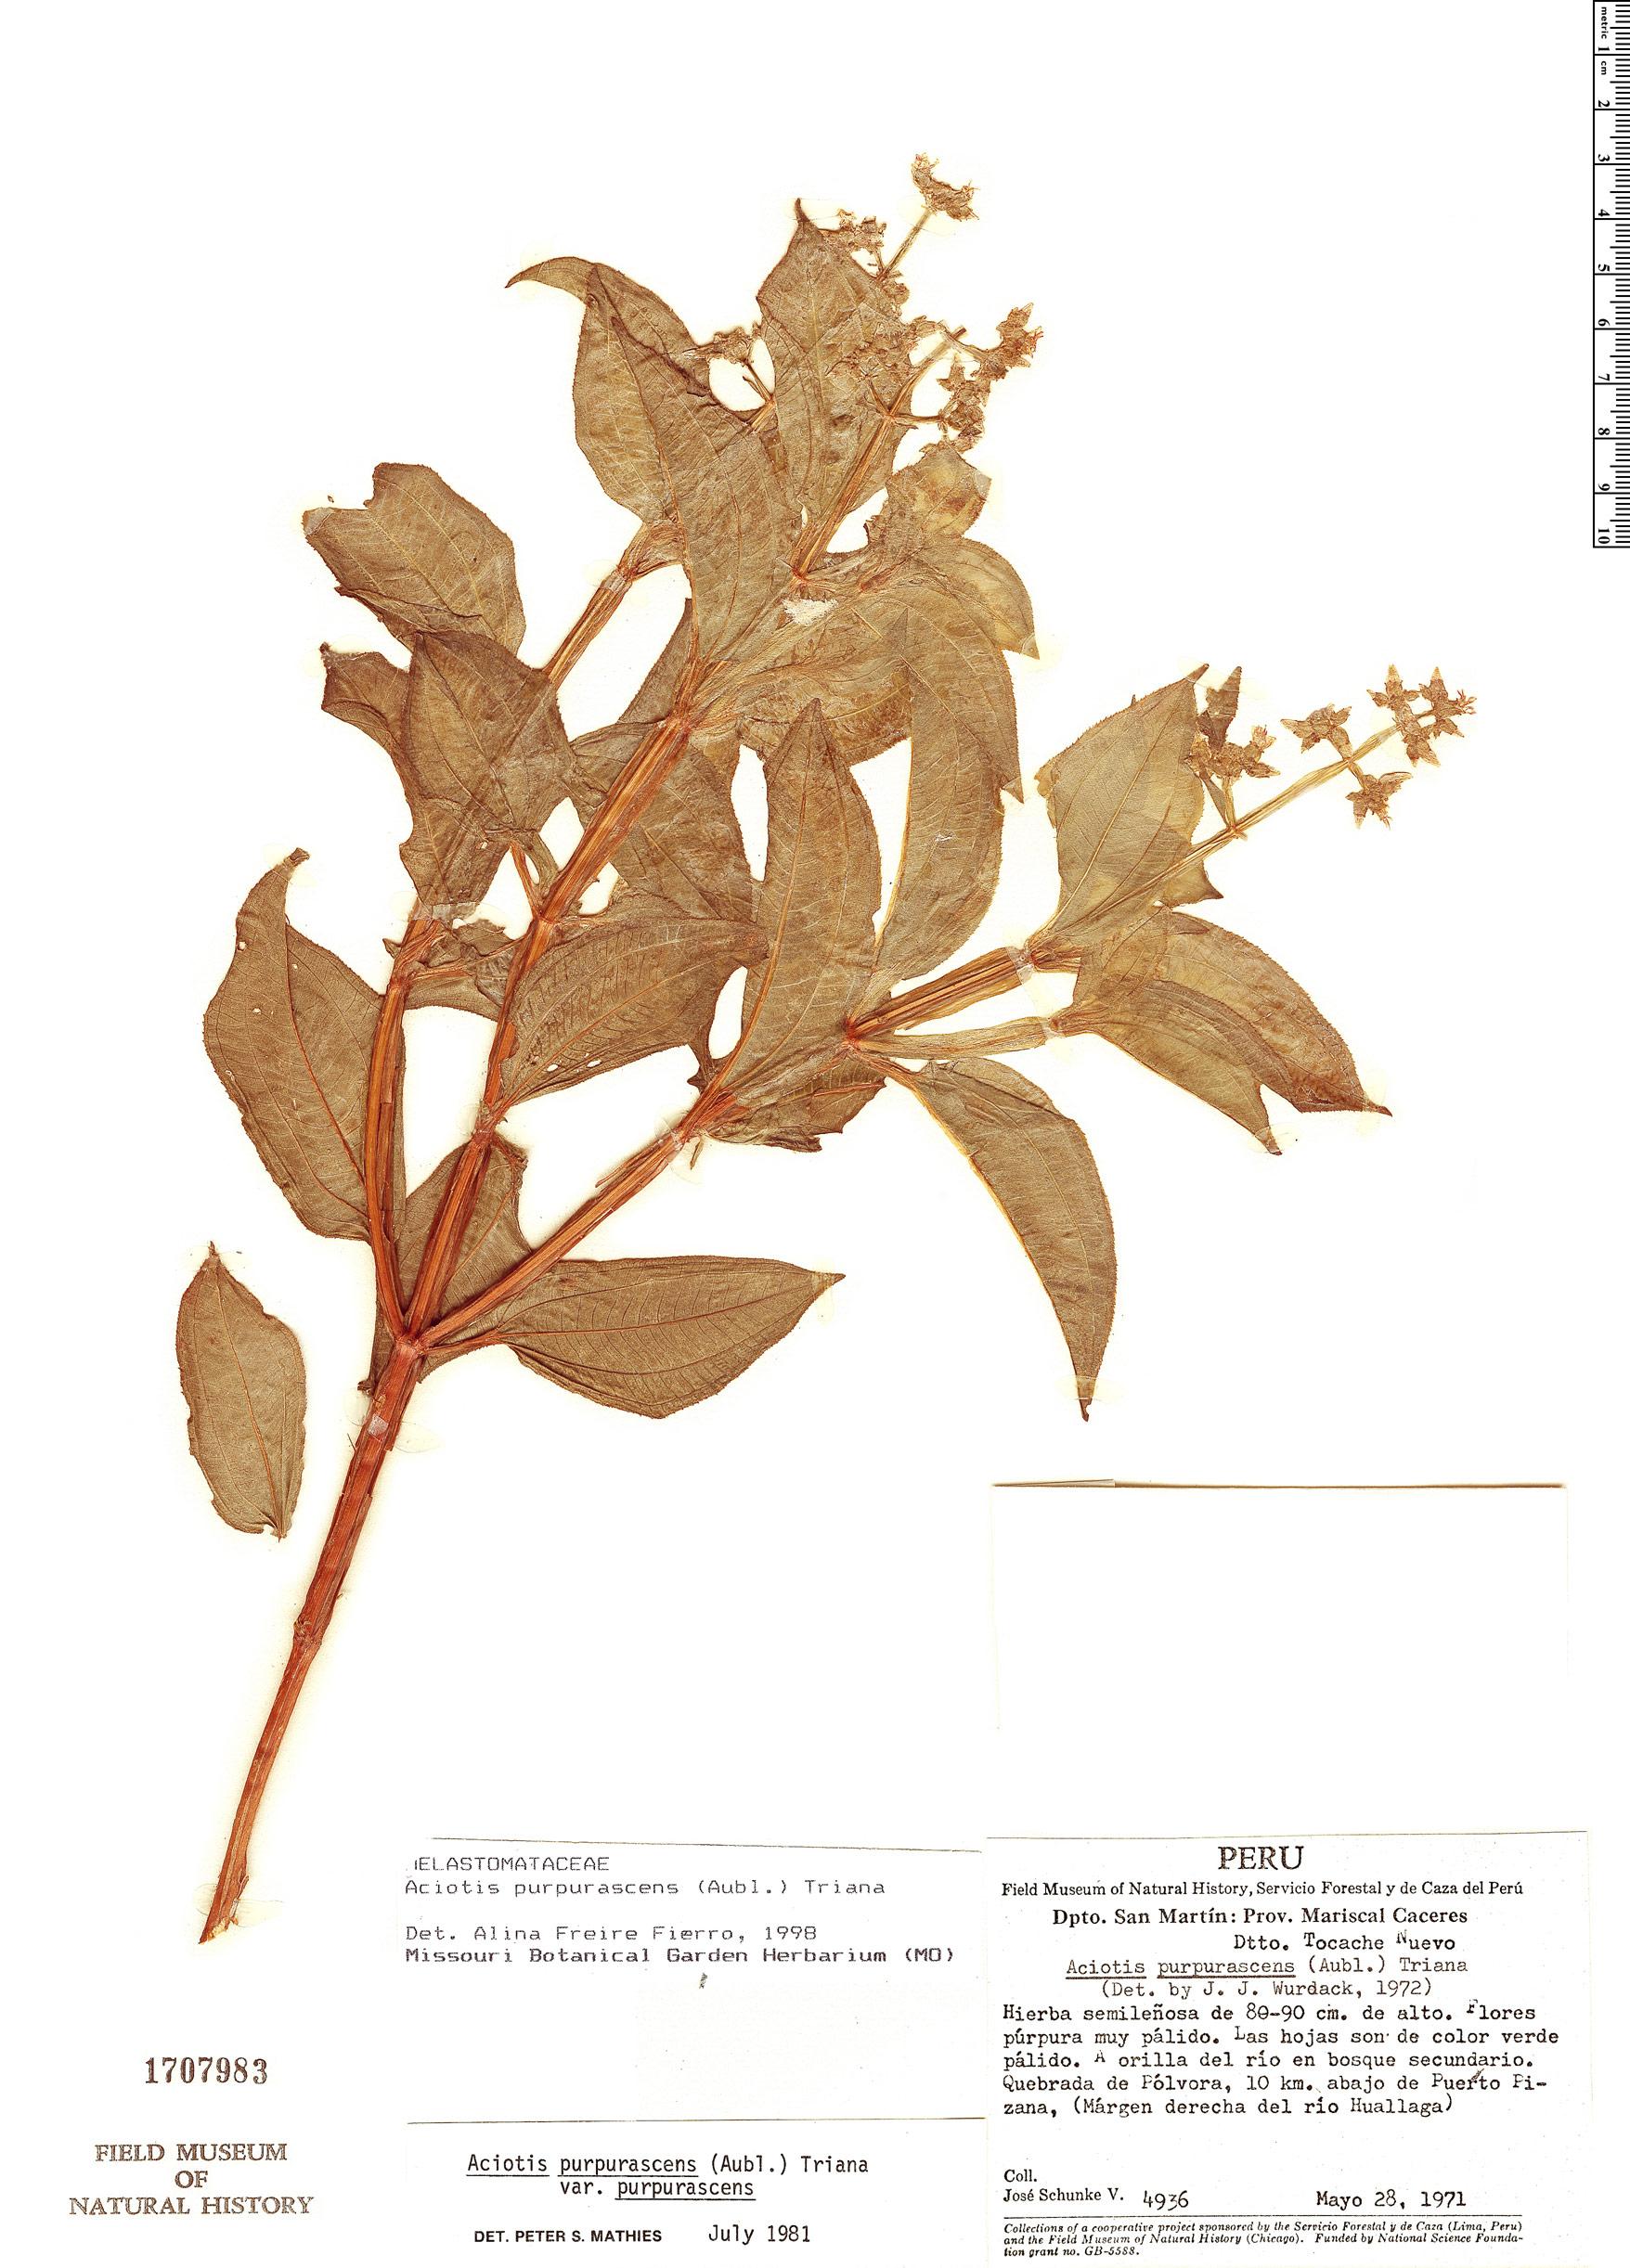 Specimen: Aciotis purpurascens